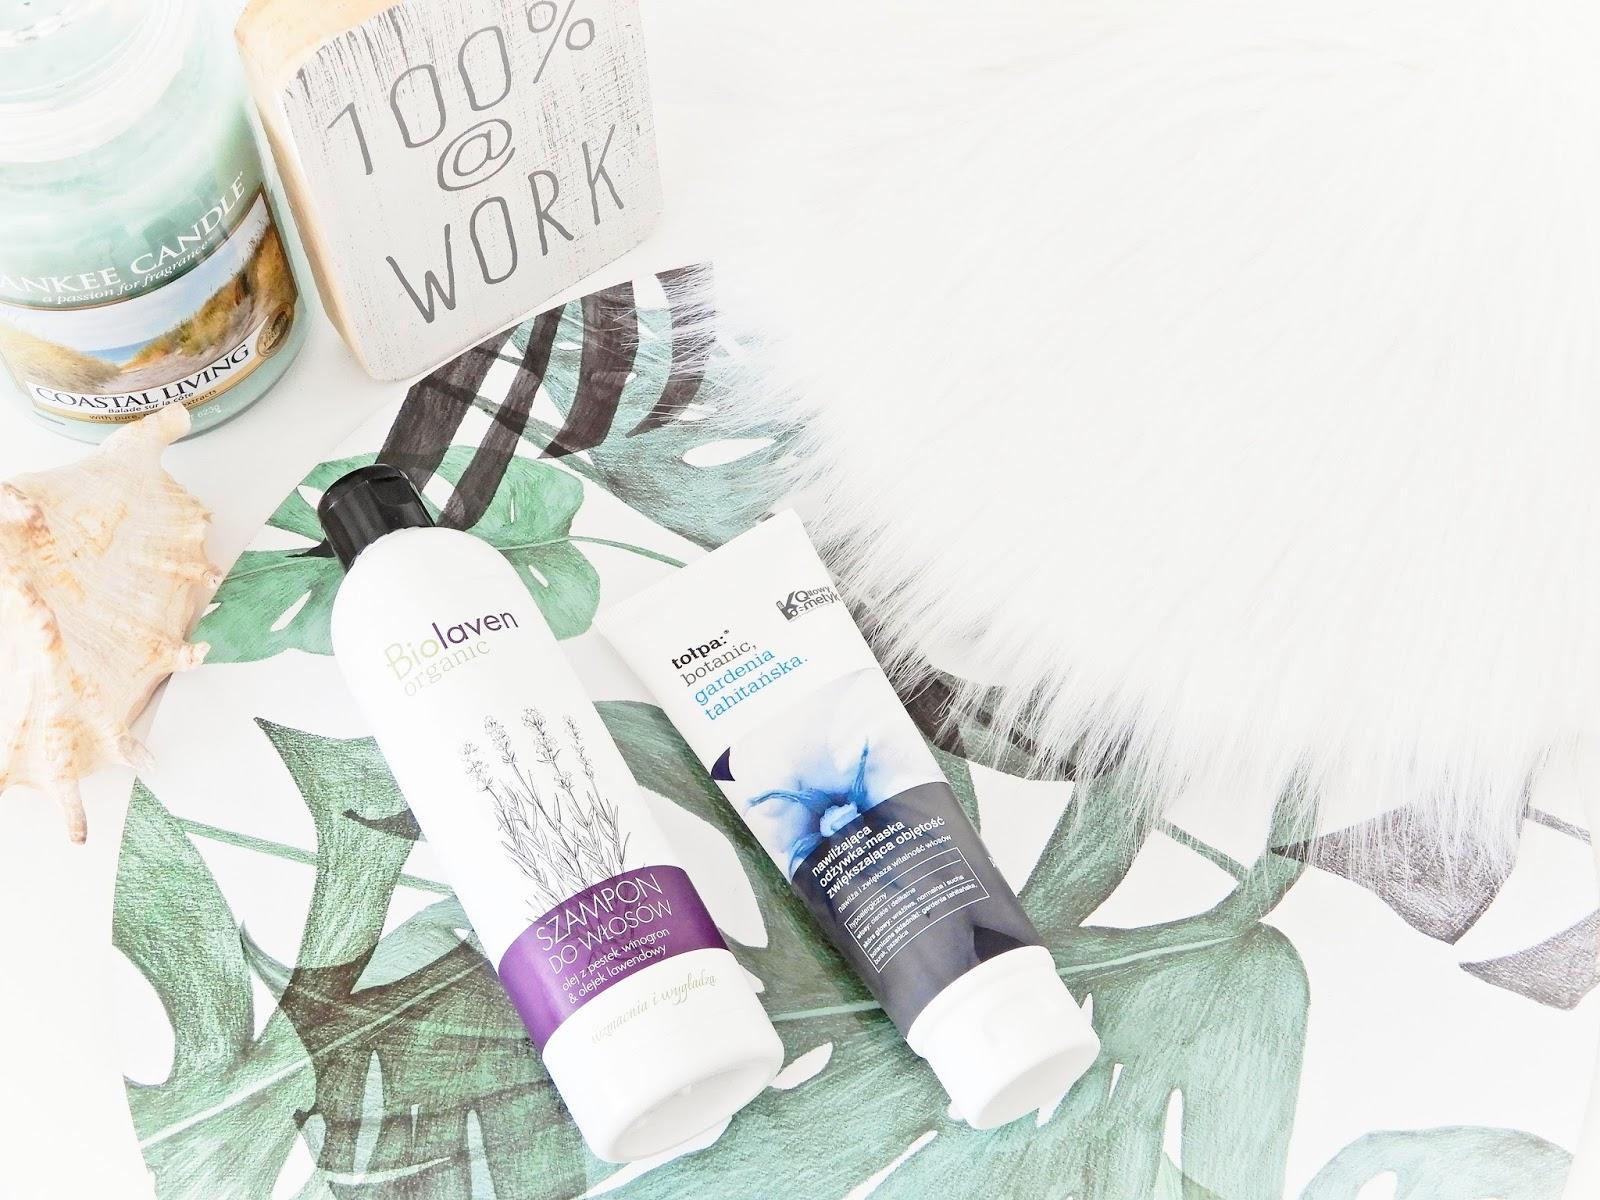 Wzmacniająco-wygładzający szampon Biolaven, Nawilżająca odżywka-maska zwiększająca objętość Gardenia Tahitańska, ulubieńcy, tołpa, szampon biolaven,